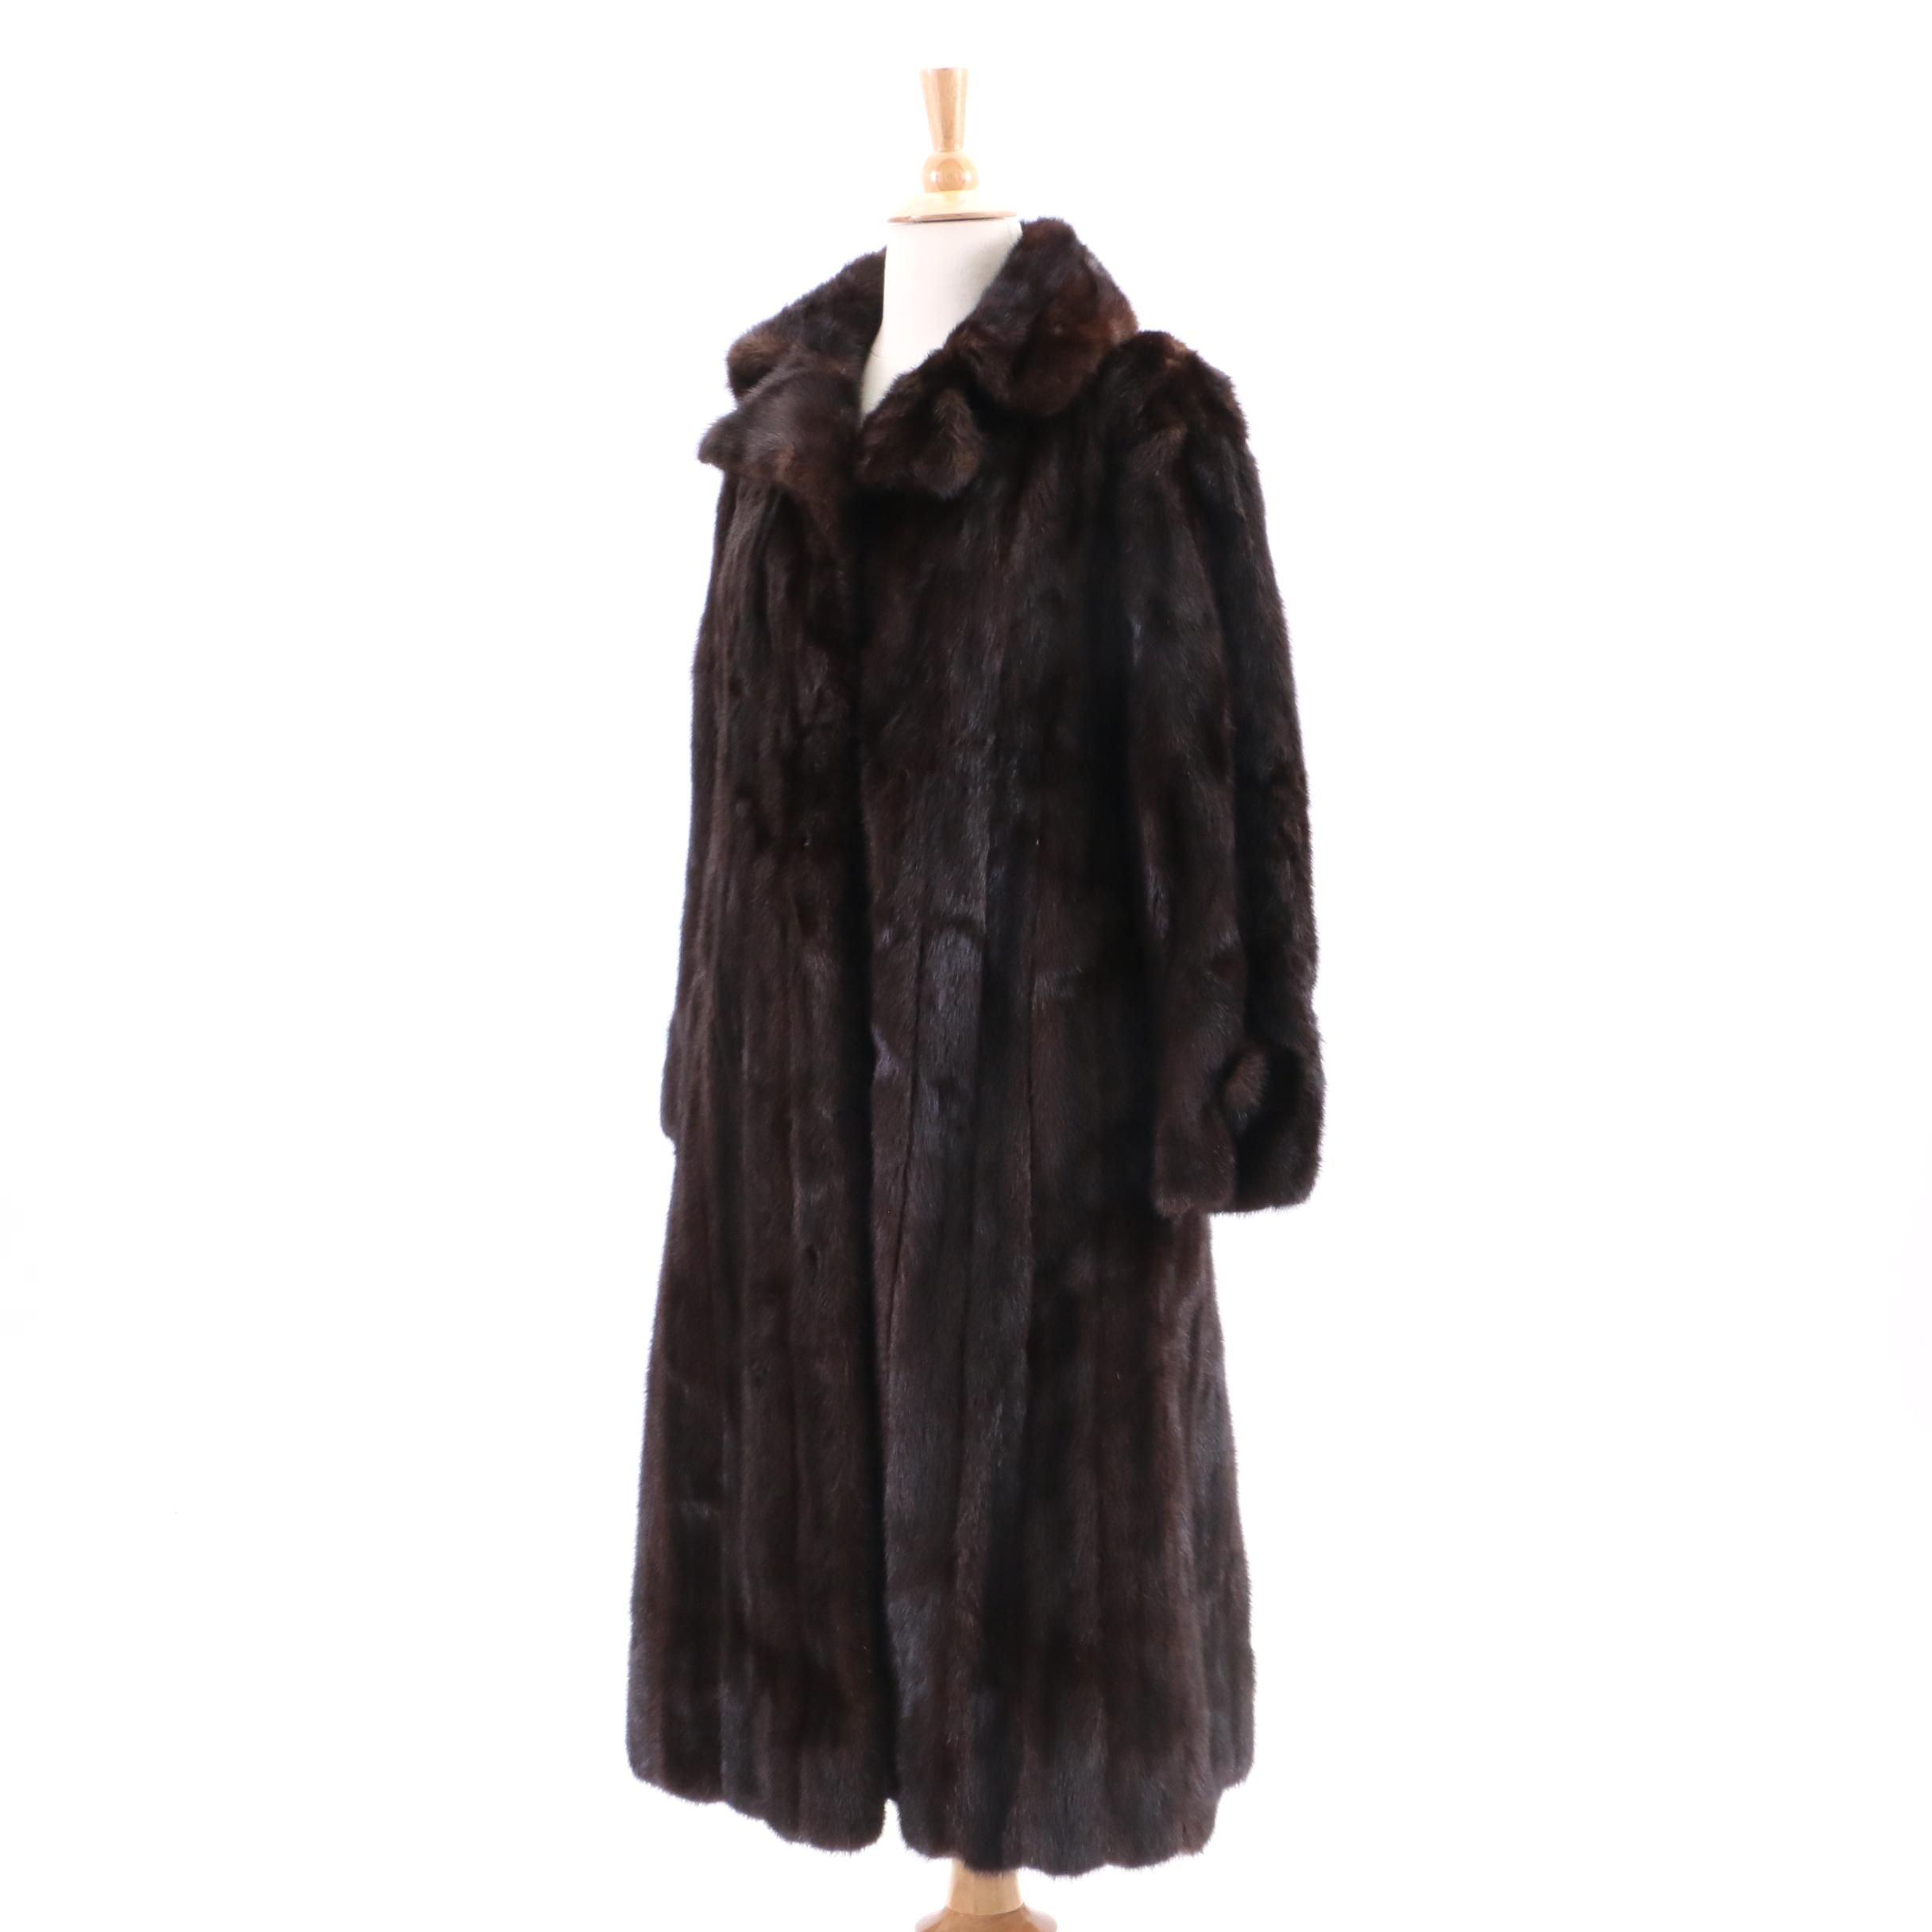 Vintage Gidding Jenny Mink Fur Coat